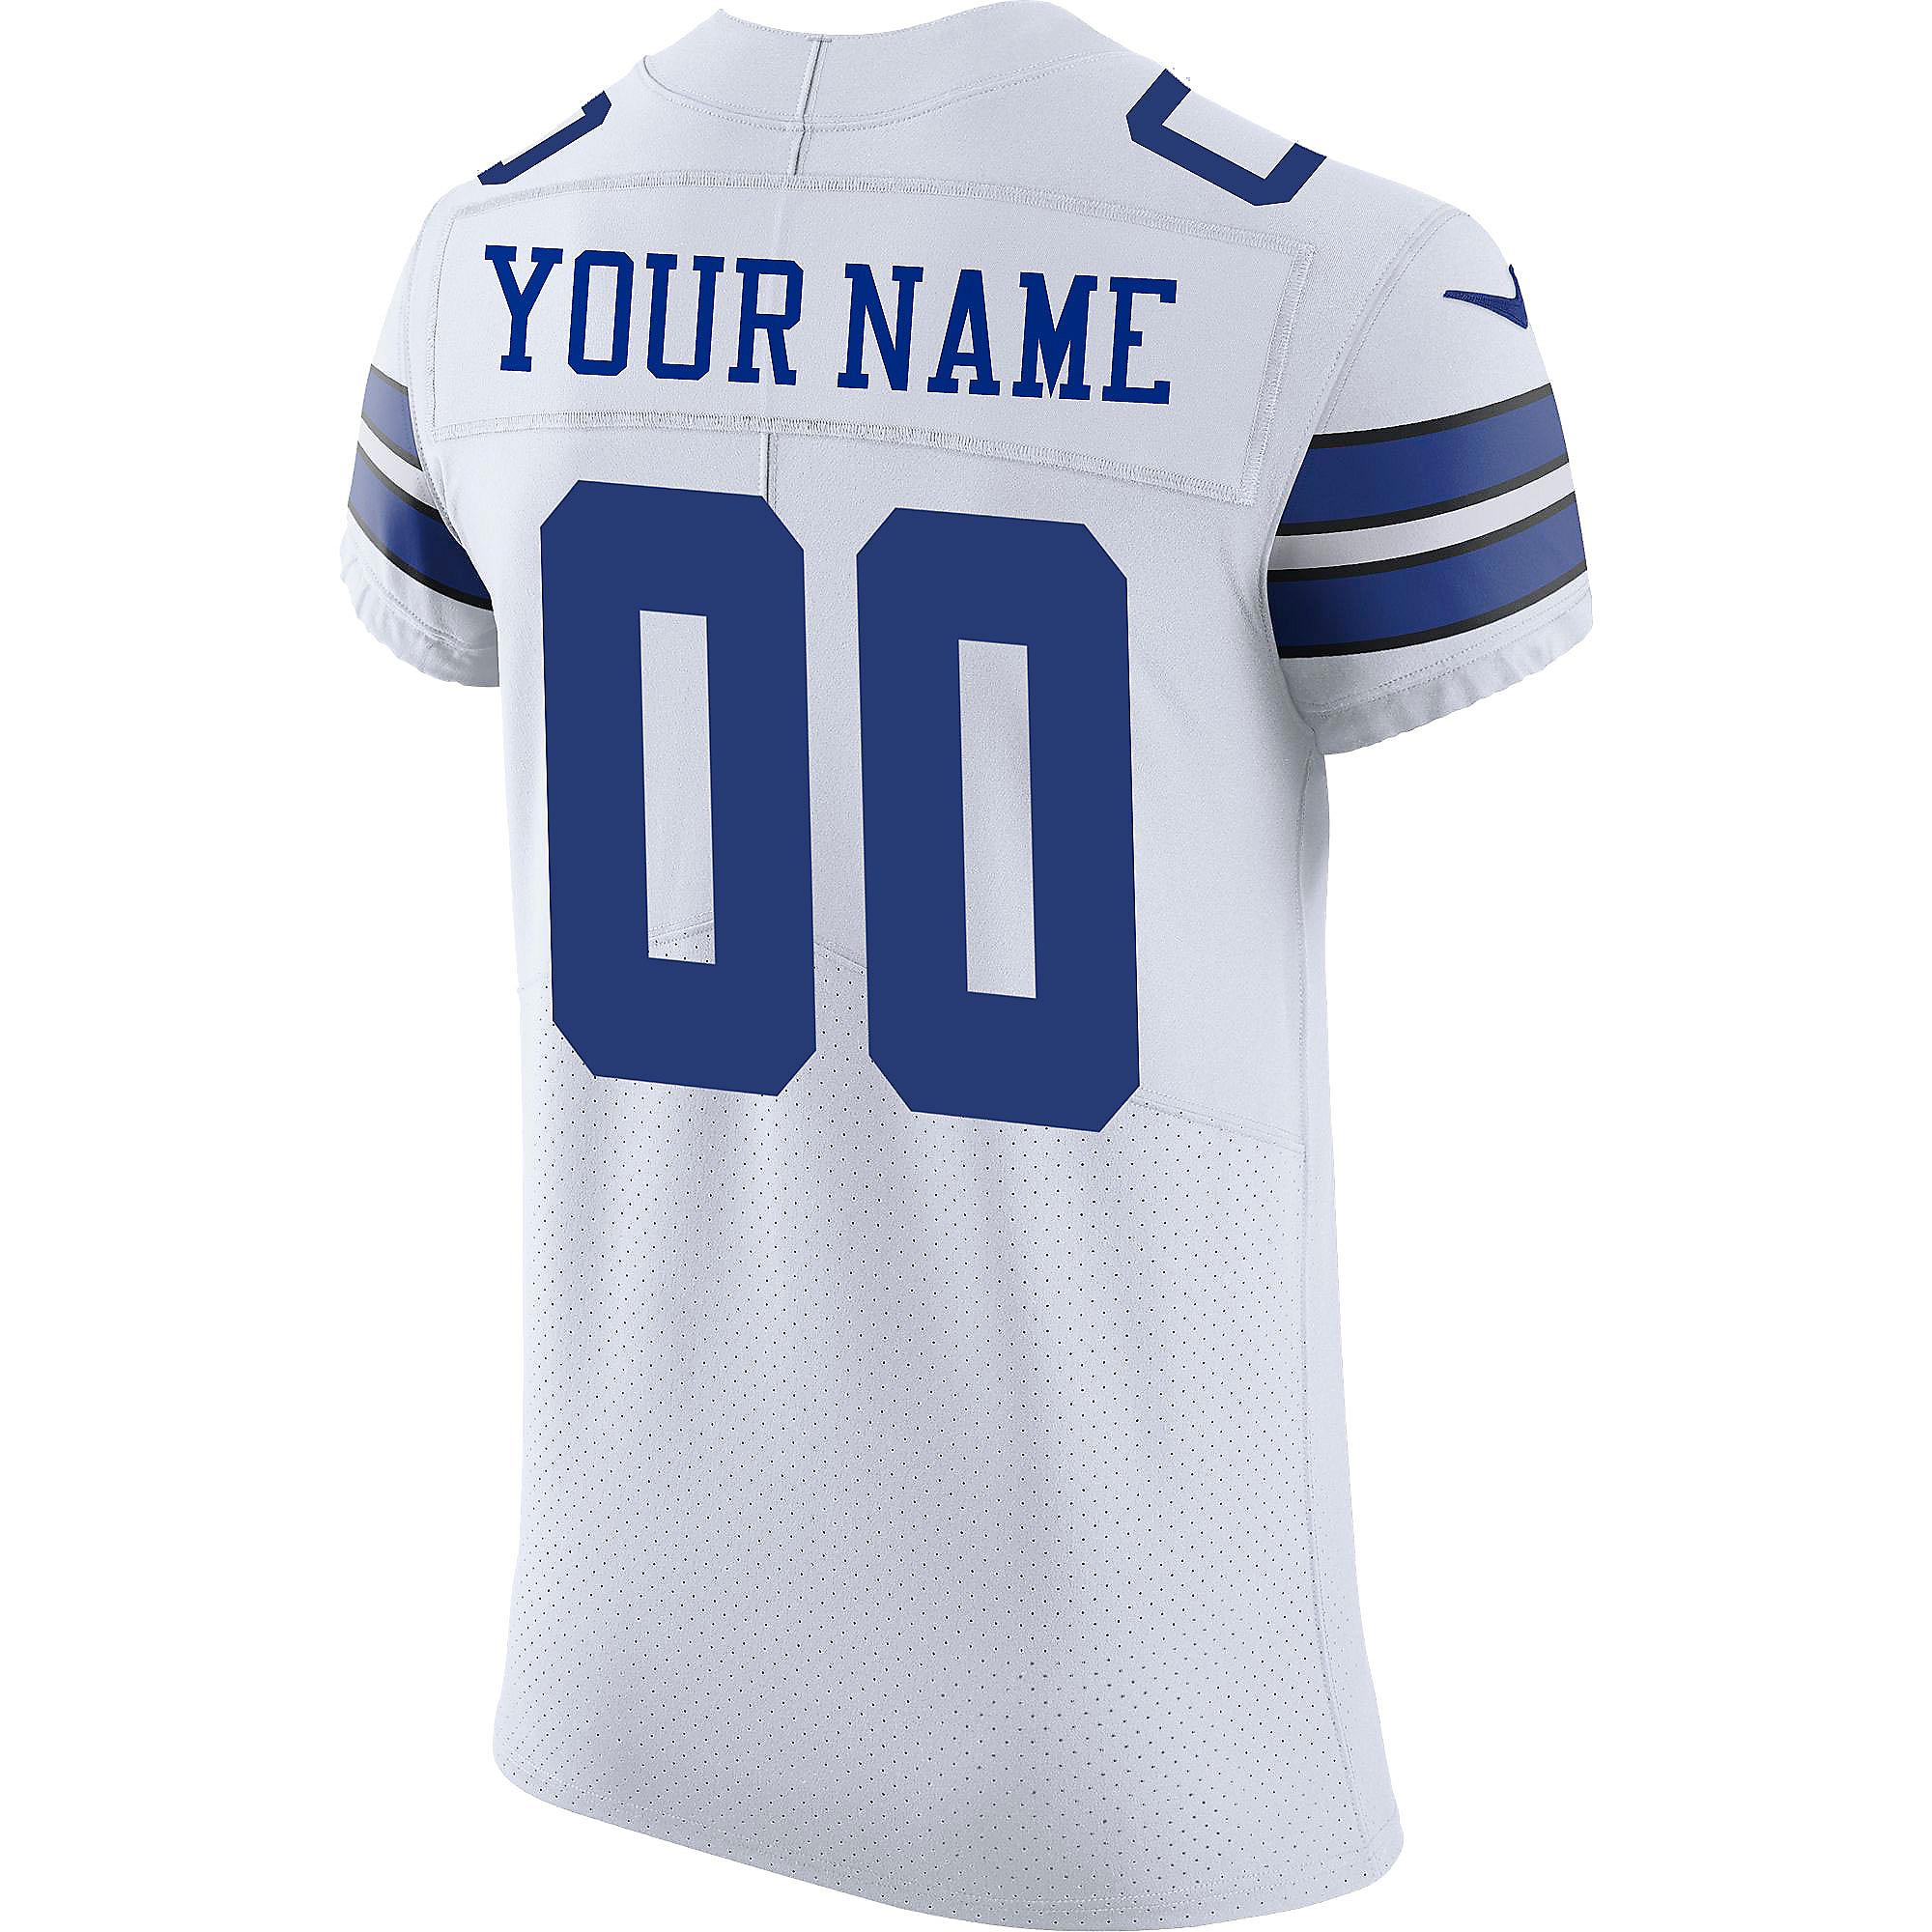 separation shoes 734df bfdaf Dallas Cowboys Custom Nike White Vapor Untouchable Elite Authentic Jersey |  Dallas Cowboys Pro Shop